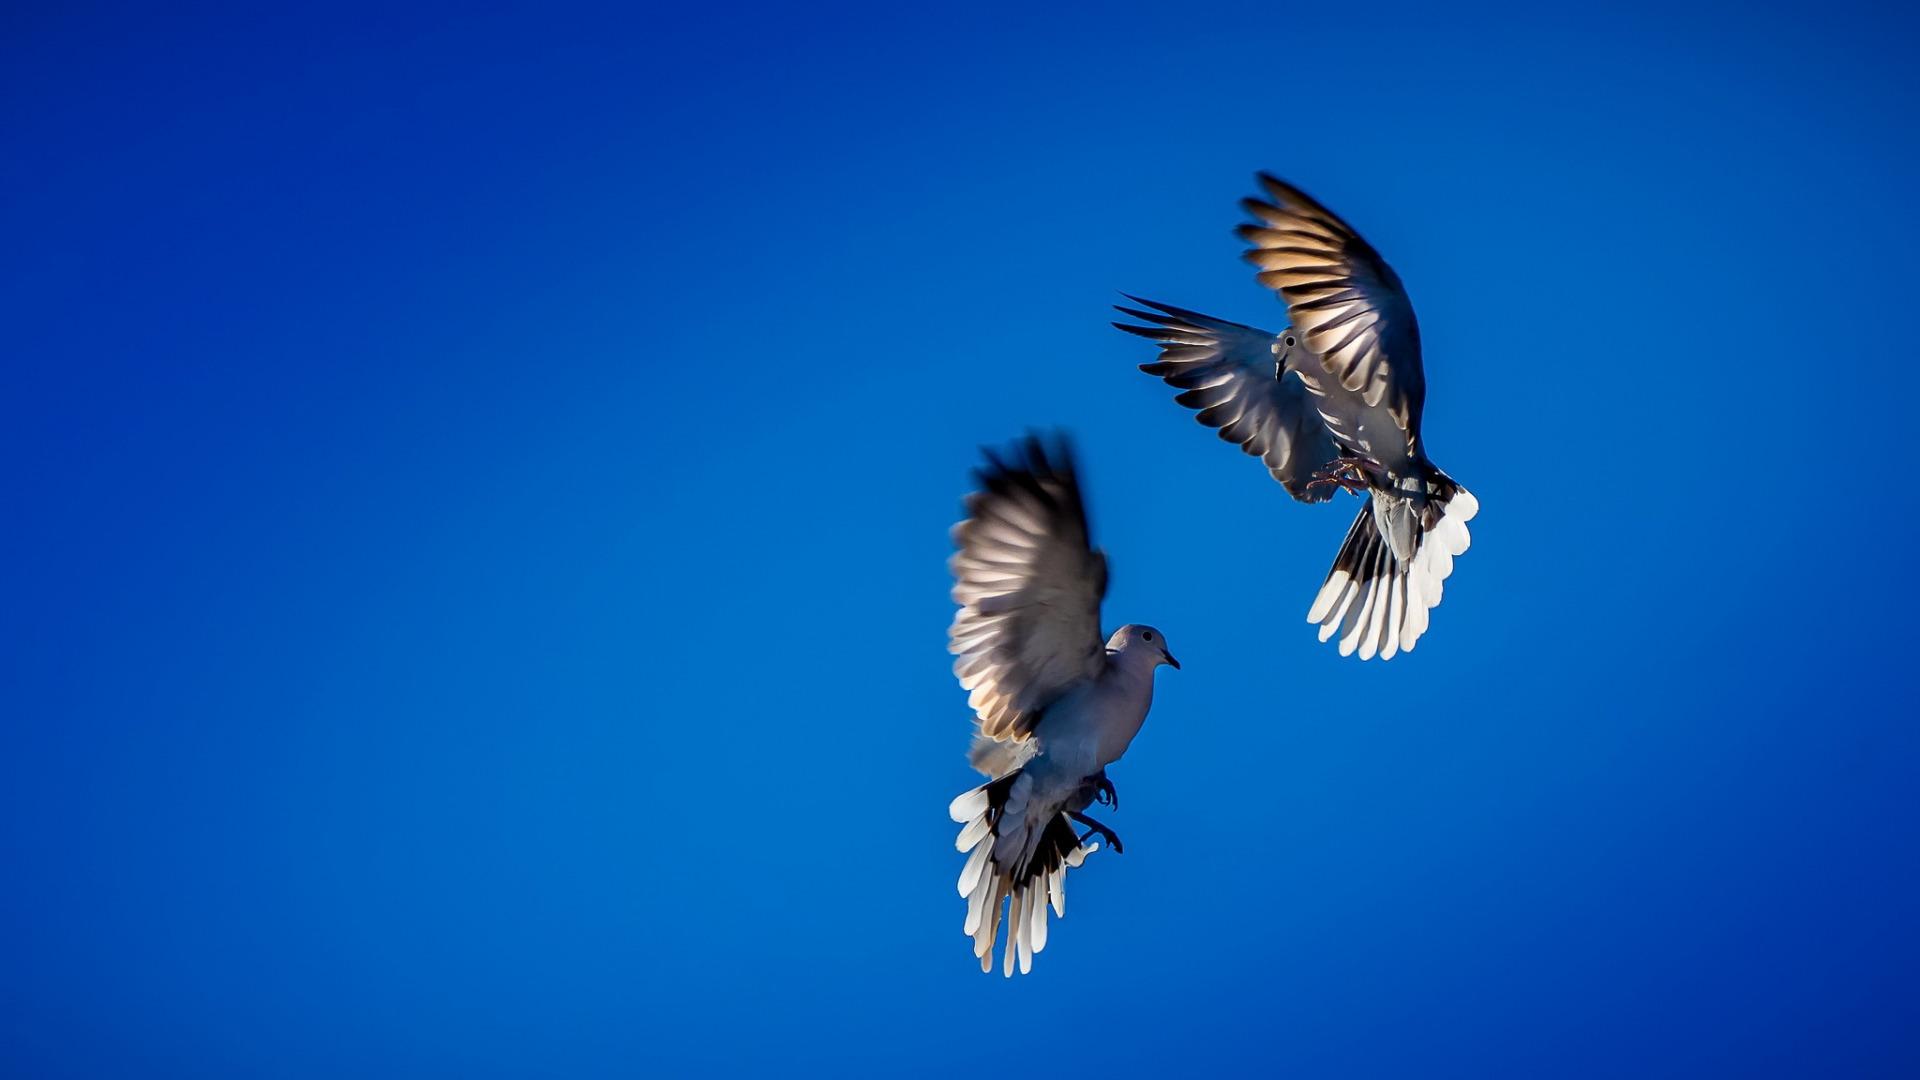 картинки небо с птицами парами большинством шаблонов